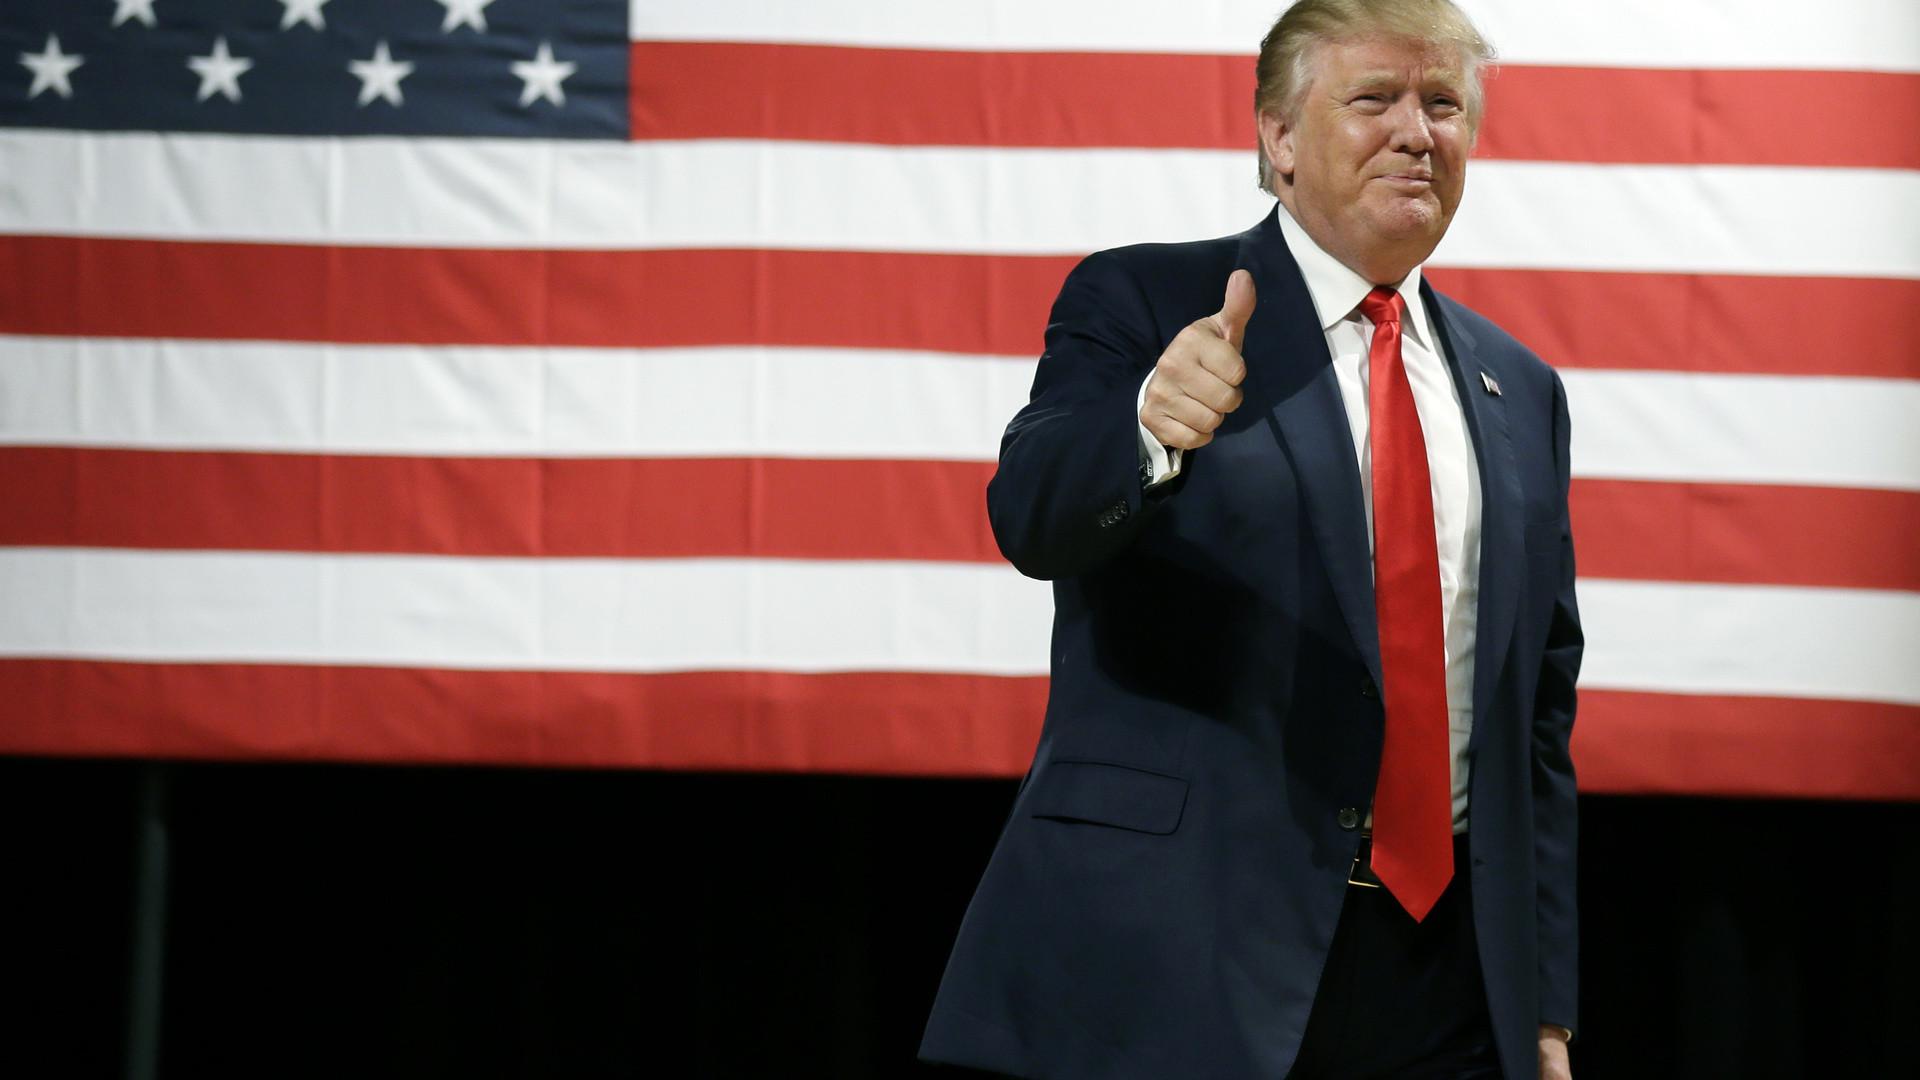 Donald Trump HD Wallpaper.